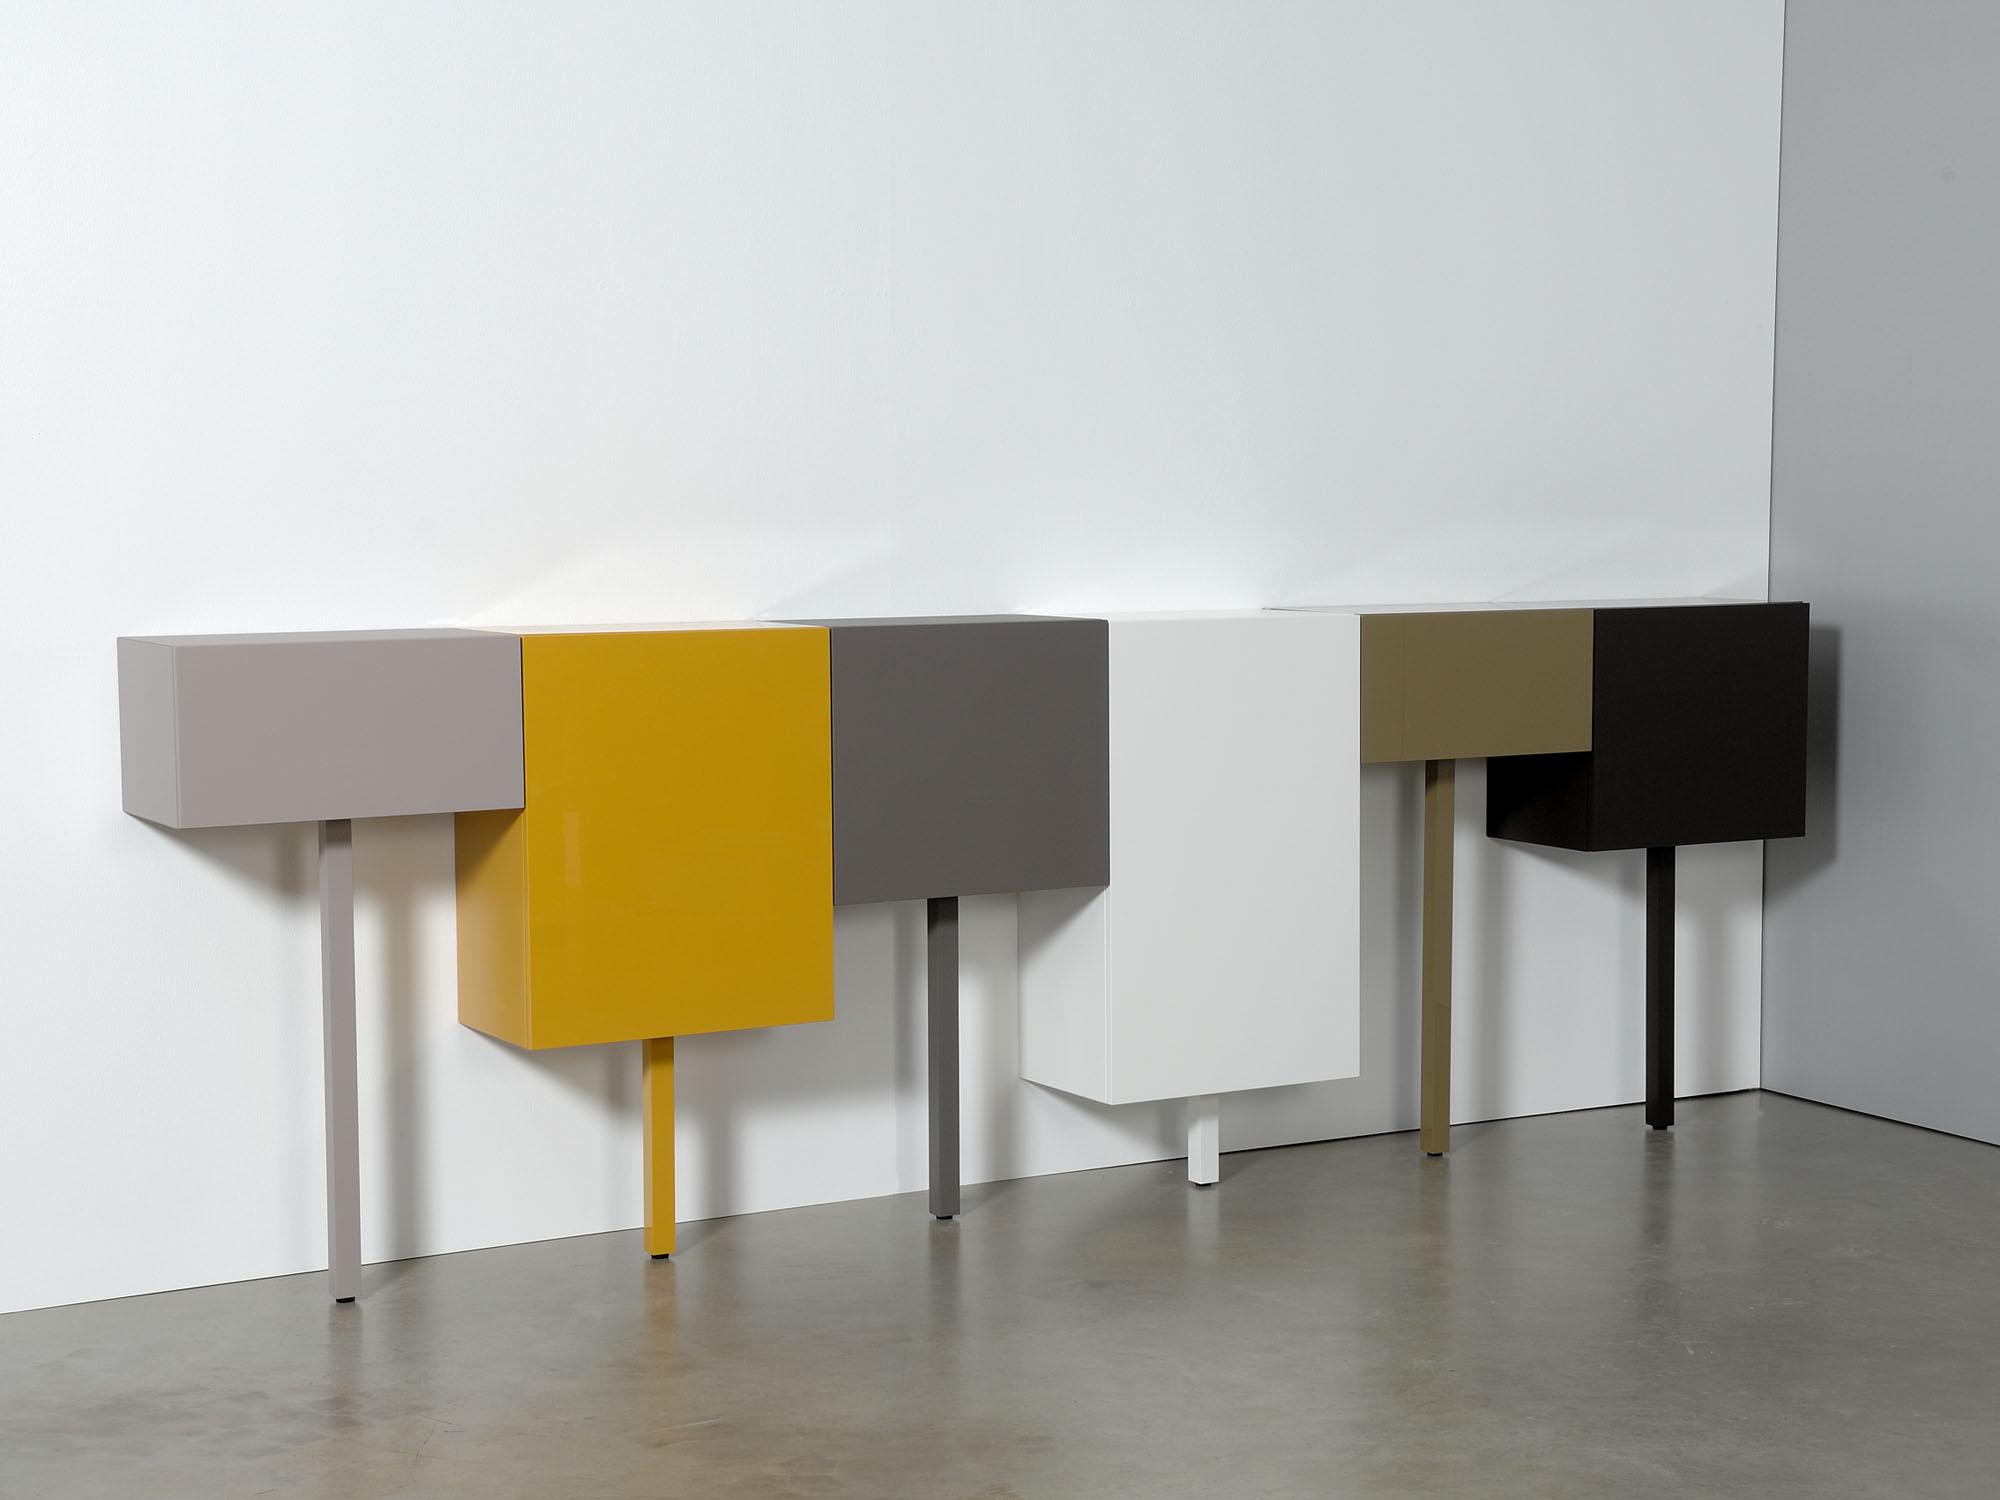 STICKS, ontwerp door Gerard de Hoop